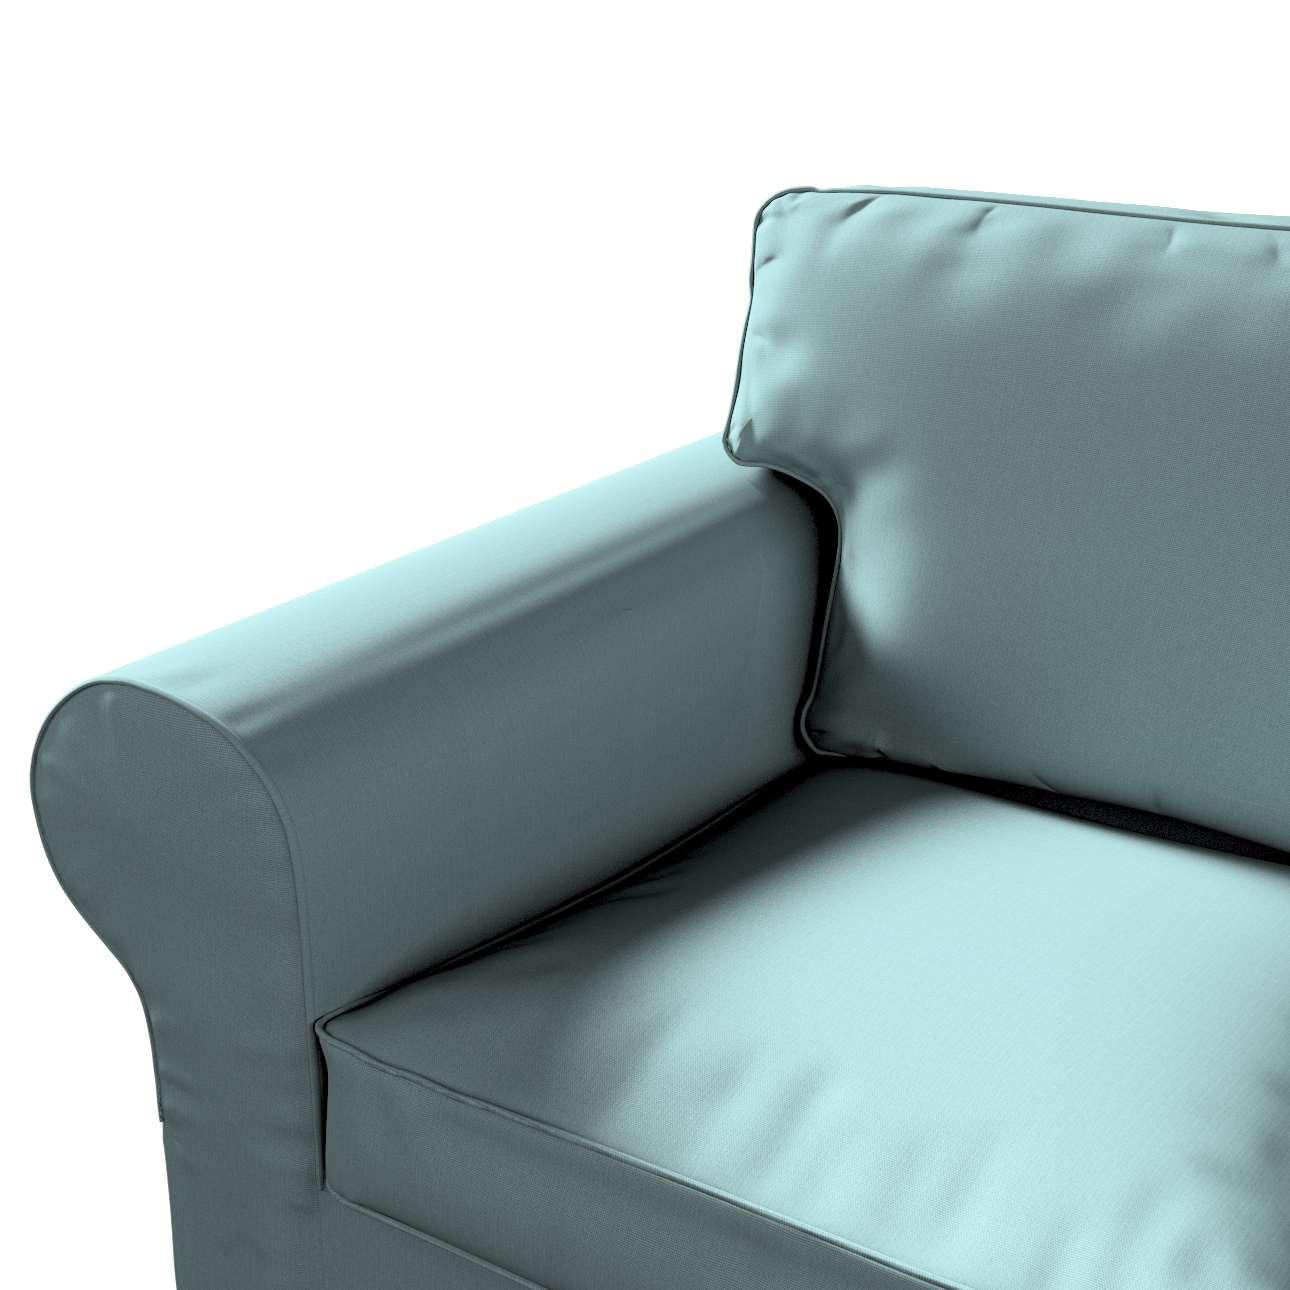 Pokrowiec na sofę Ektorp 2-osobową, rozkładaną, model do 2012 w kolekcji Cotton Panama, tkanina: 702-40